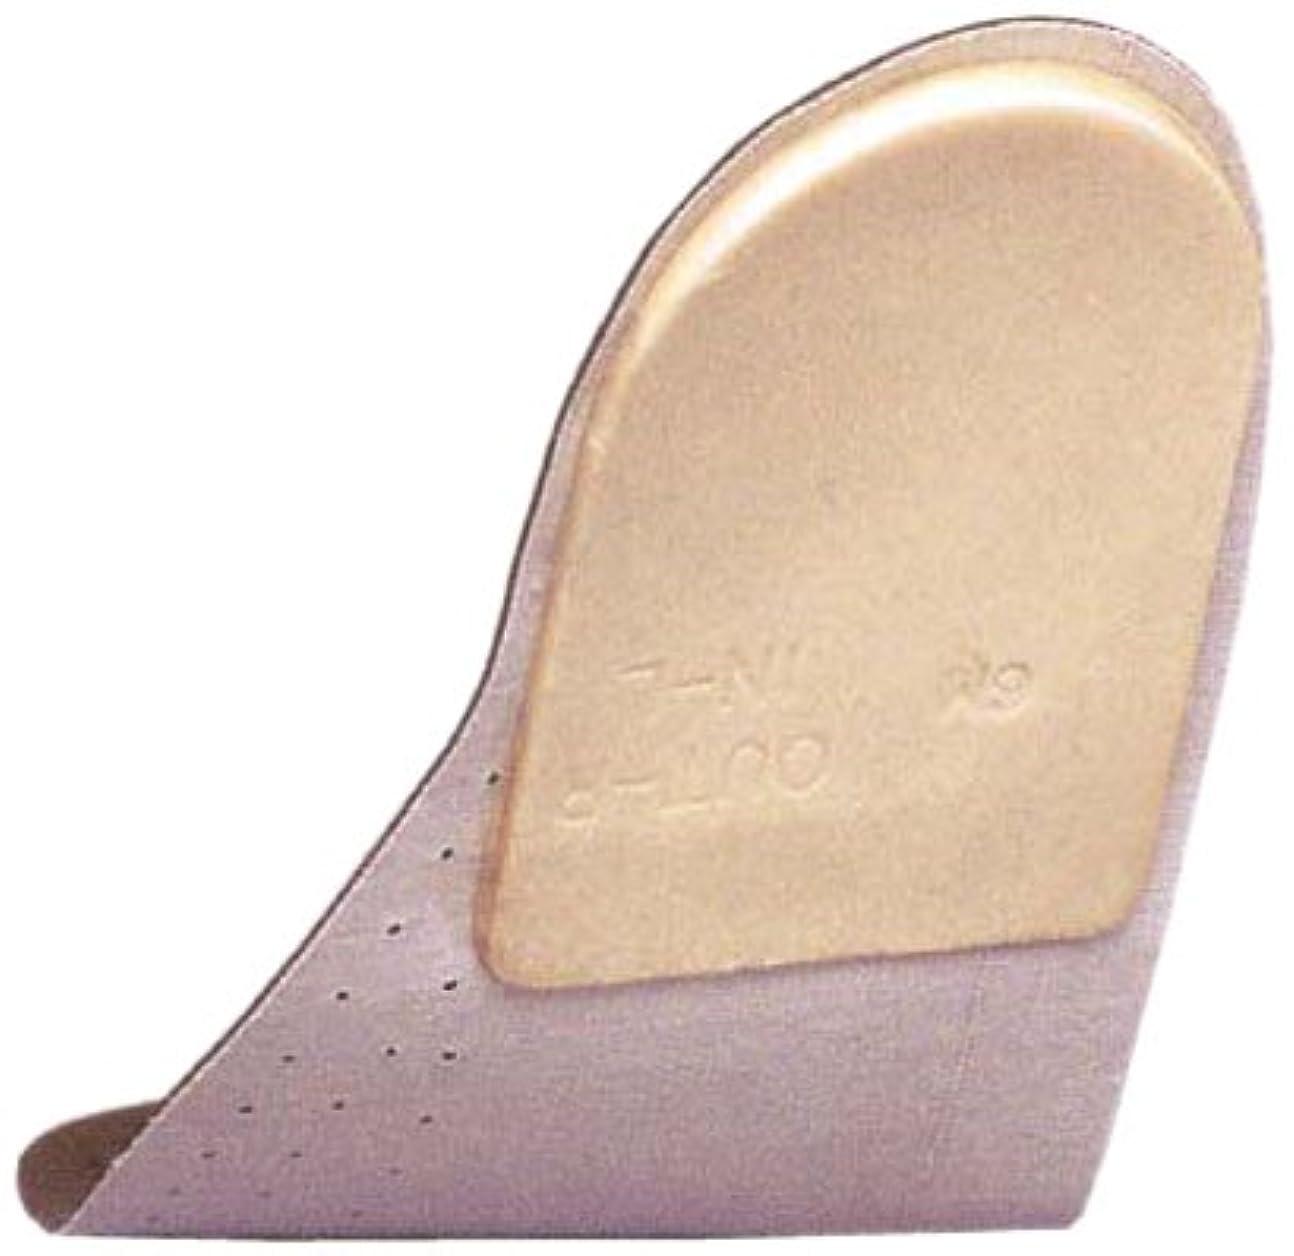 ソルボ疲労対策 ウェッジヒールタイプ Mサイズ(24.5~26.0cm)ブラウン